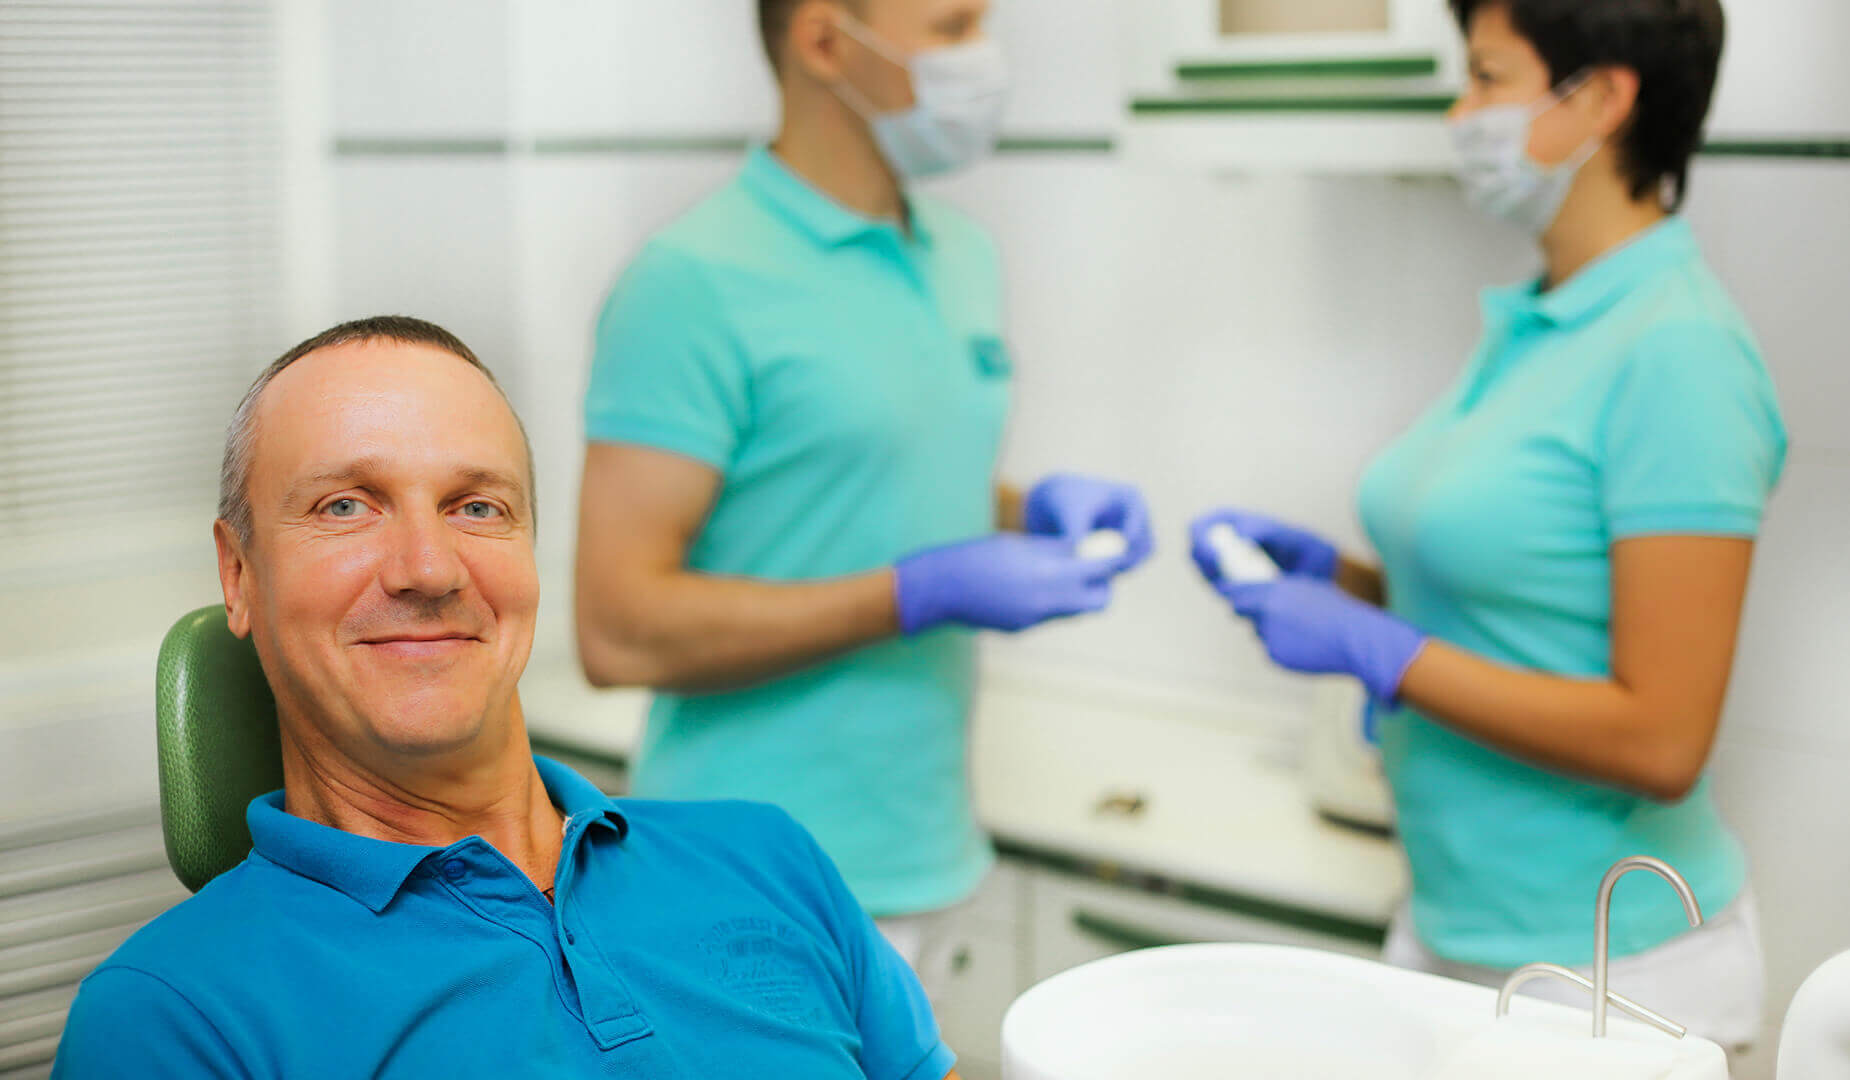 Пациент улыбается после процедуры